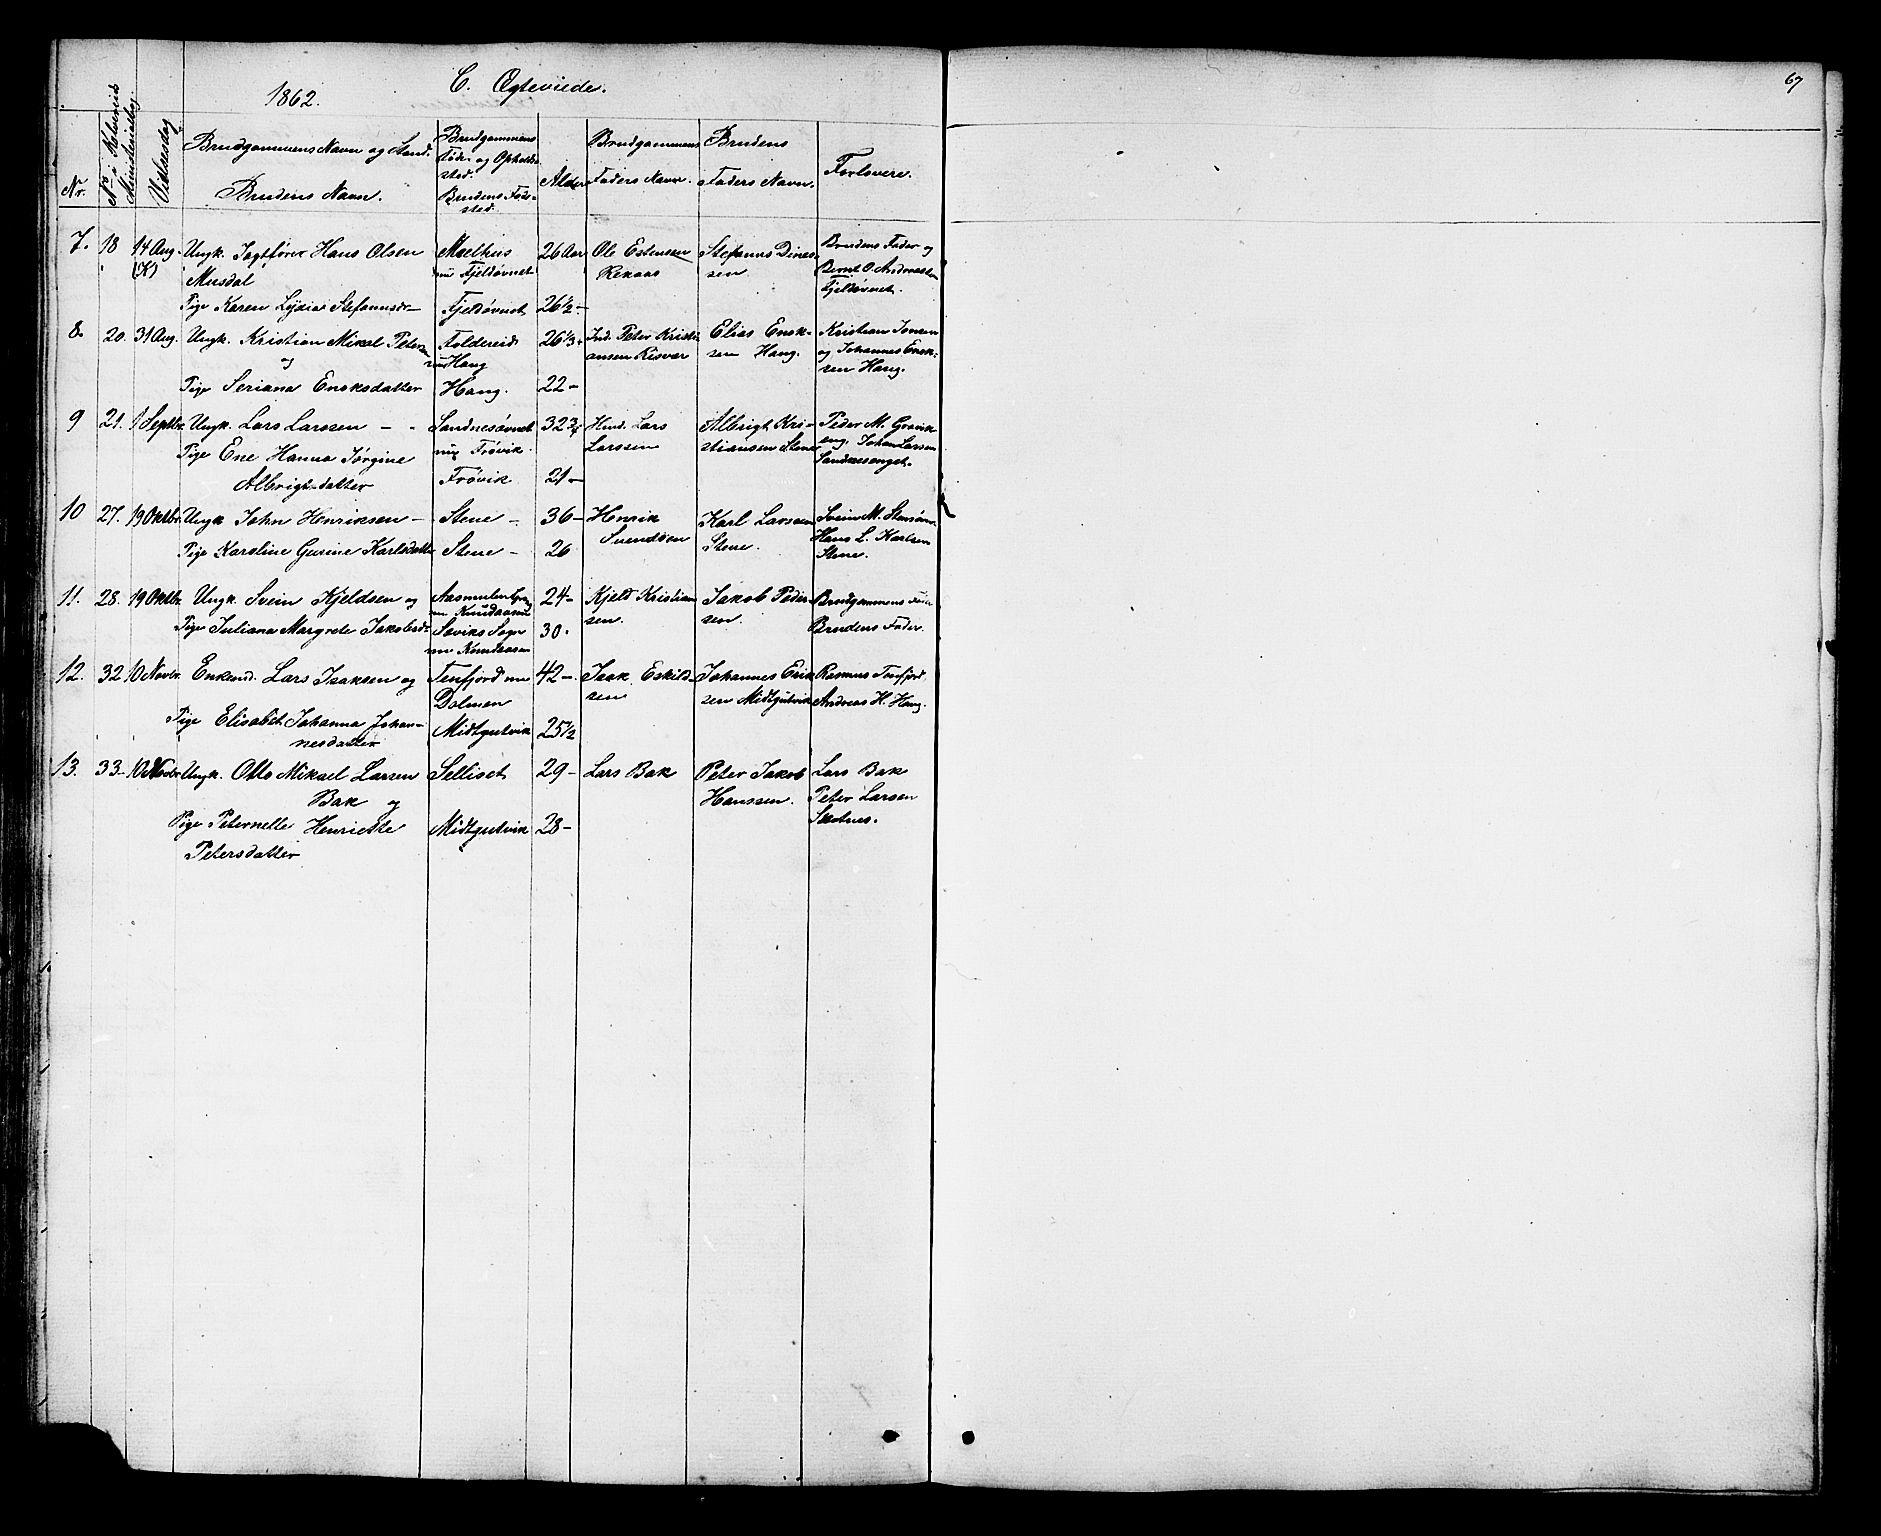 SAT, Ministerialprotokoller, klokkerbøker og fødselsregistre - Nord-Trøndelag, 788/L0695: Ministerialbok nr. 788A02, 1843-1862, s. 67